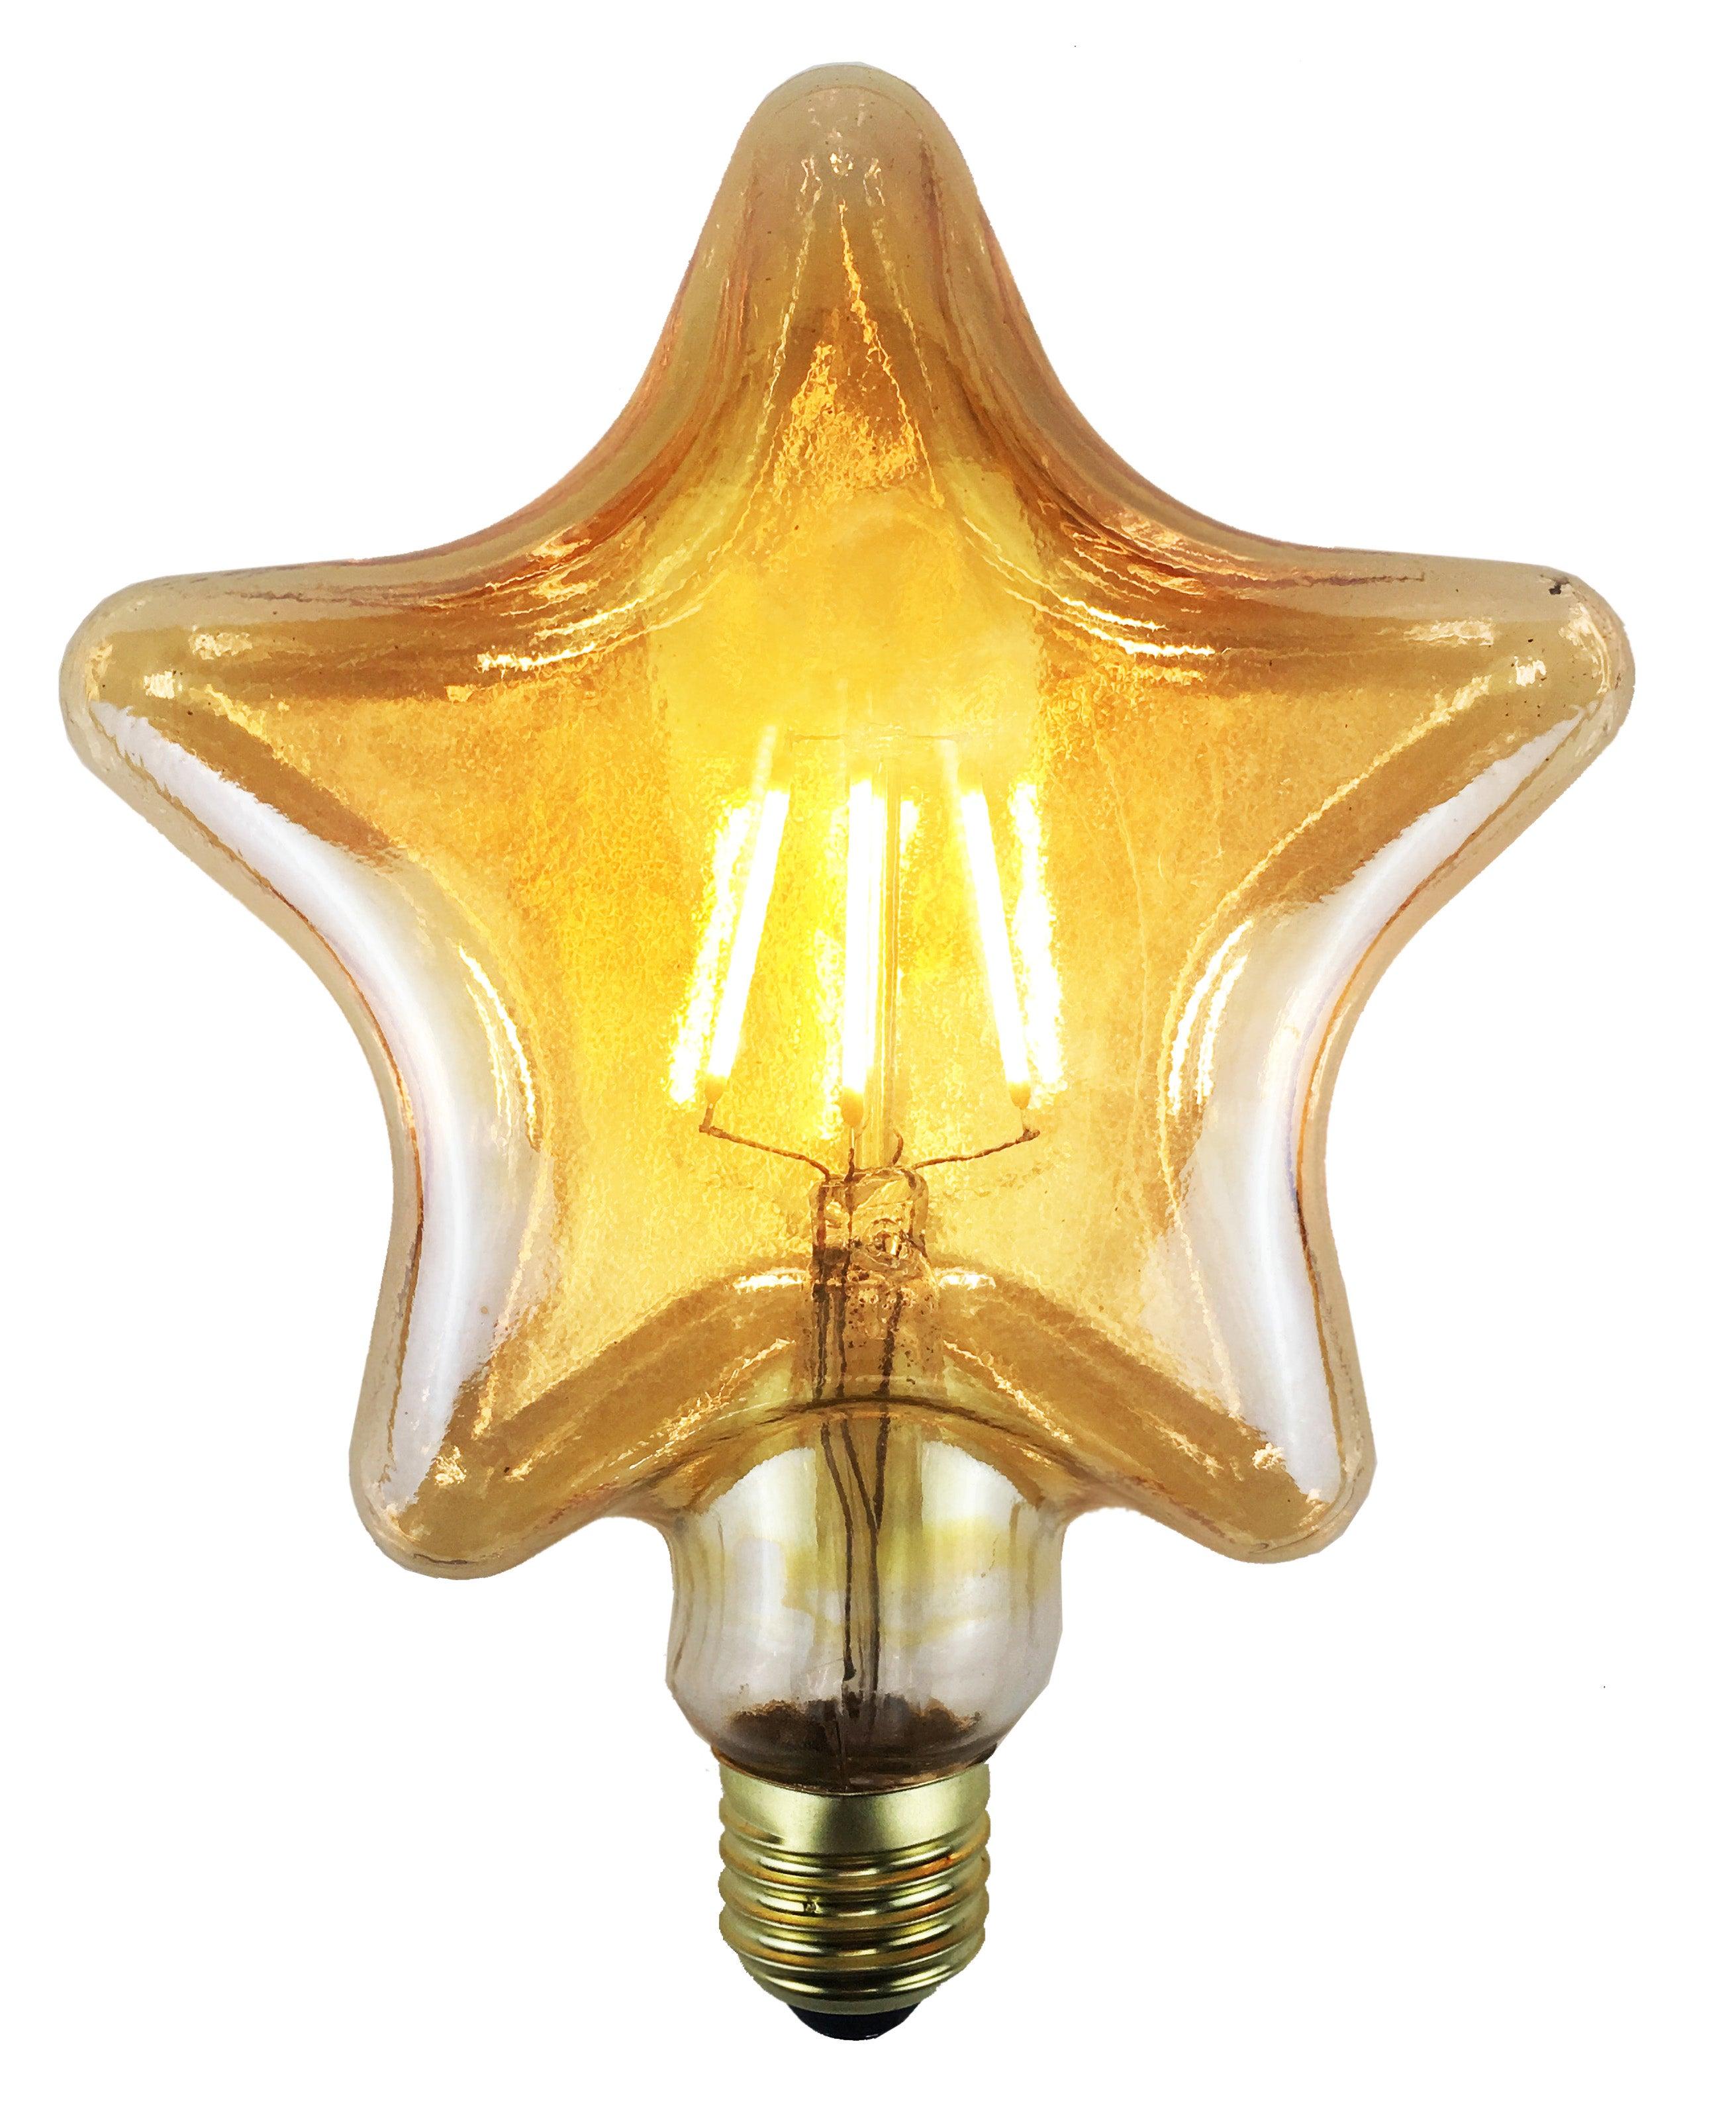 Ampoule décorative led ambré étoile E27 380 Lm = 35 W blanc chaud, SAMPA HELIOS